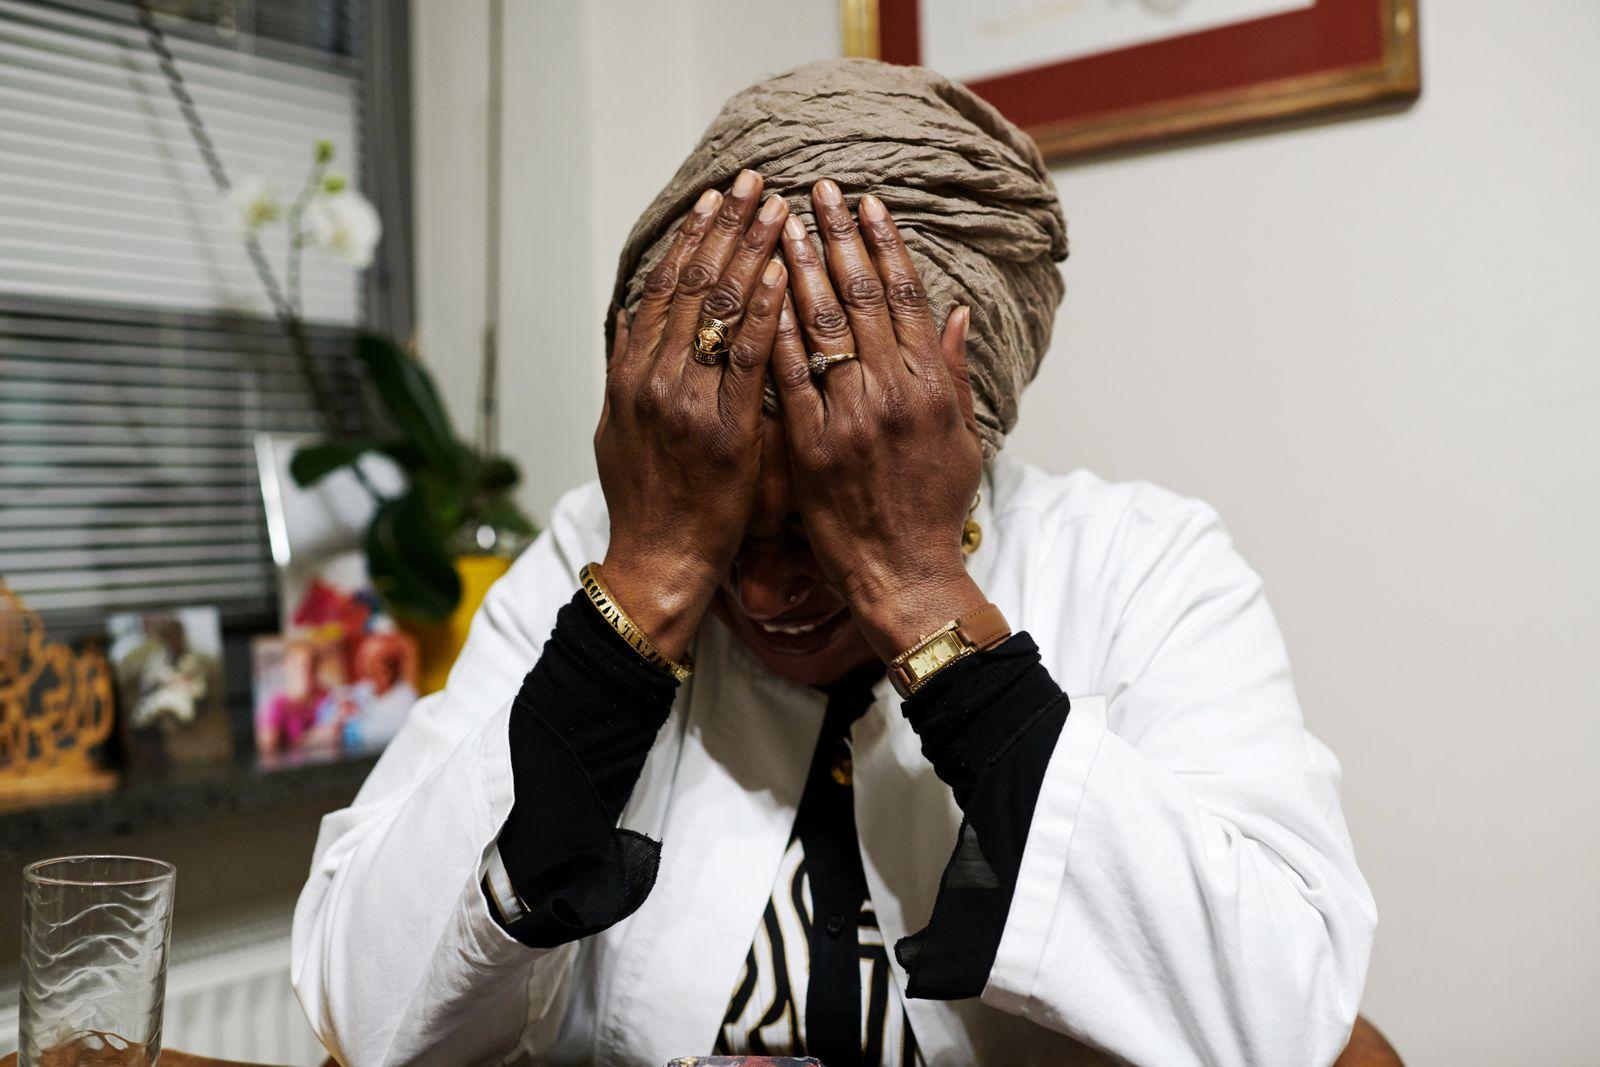 Portrait von Dr. Eiman Tahir, eine sudanesische Frauenärztin mit ihrer Praxis in München. Sie setzt sich gegen Beschneidungen ein.